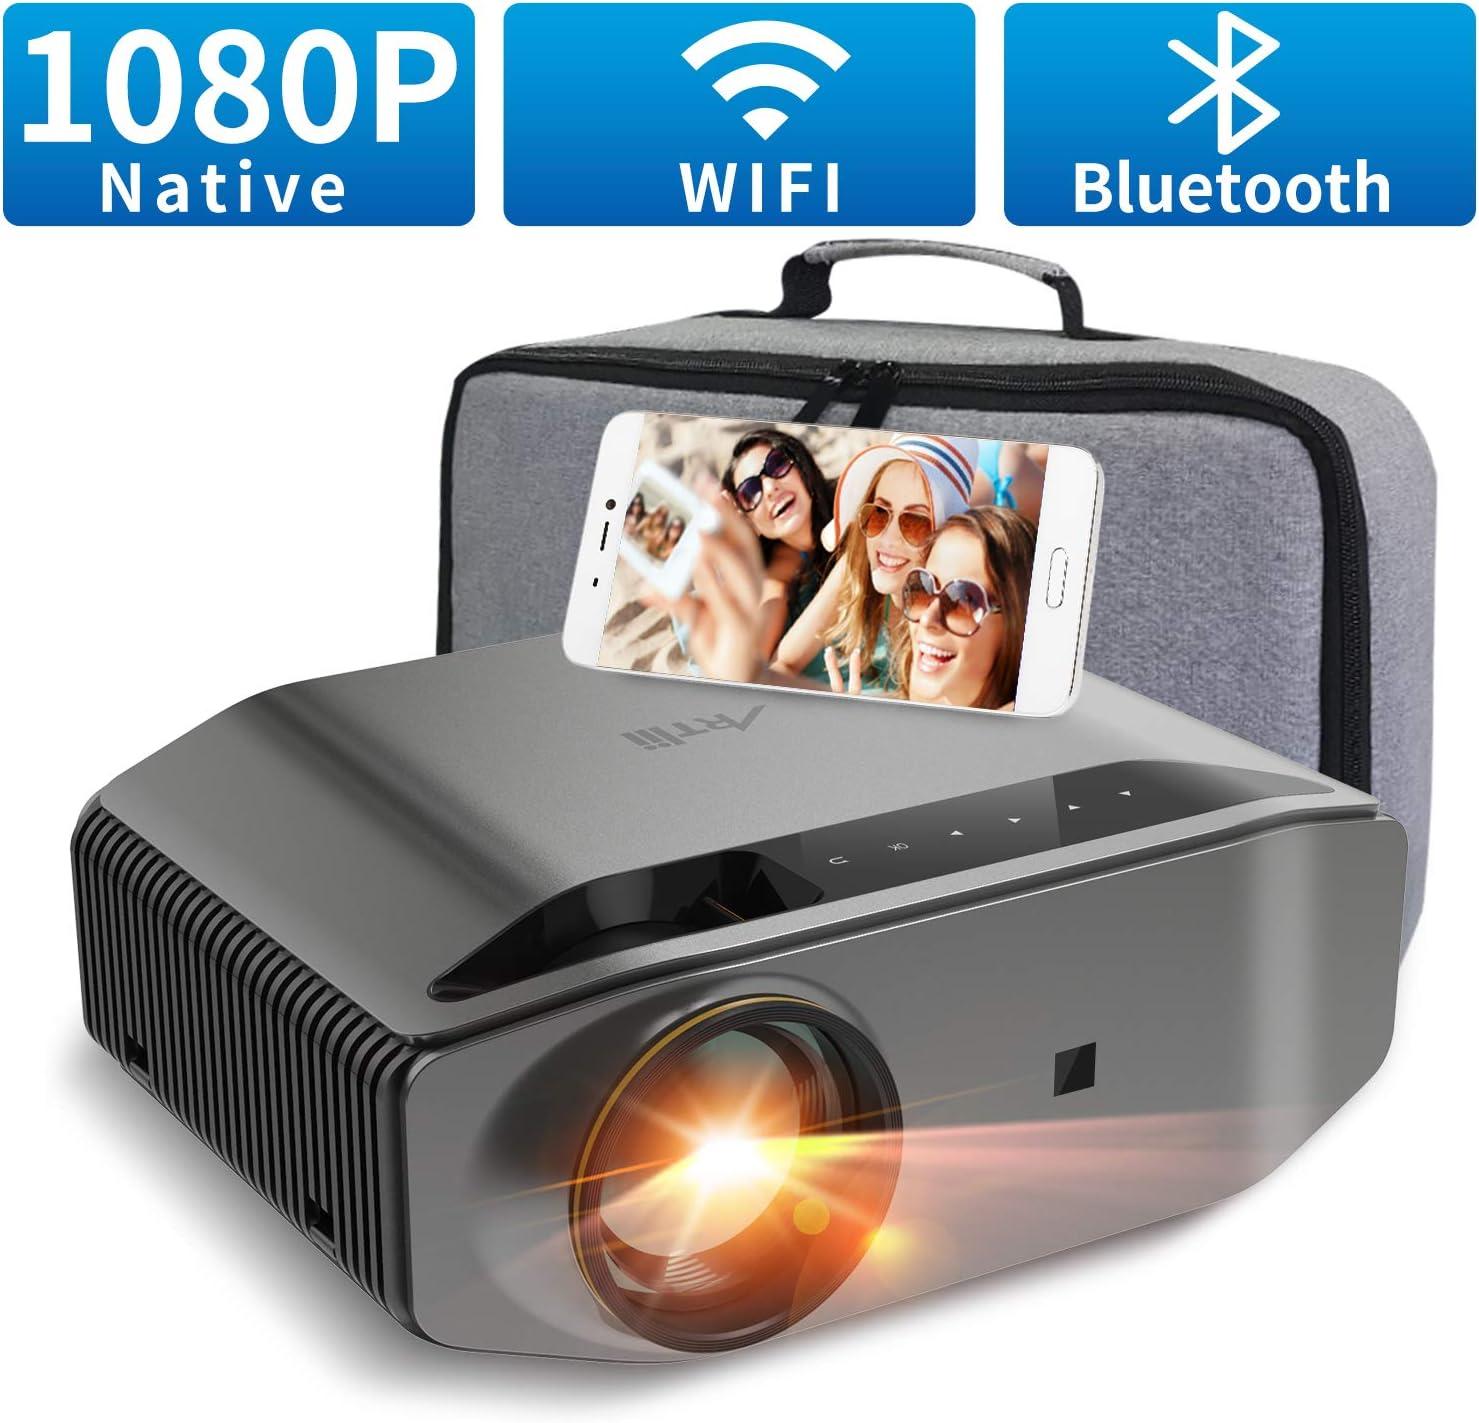 Proyector WiFi Bluetooth 8000 Lúmenes, Artlii Energon 2 Proyector Full HD 1920x1080P Nativo Soporta 4K, 300